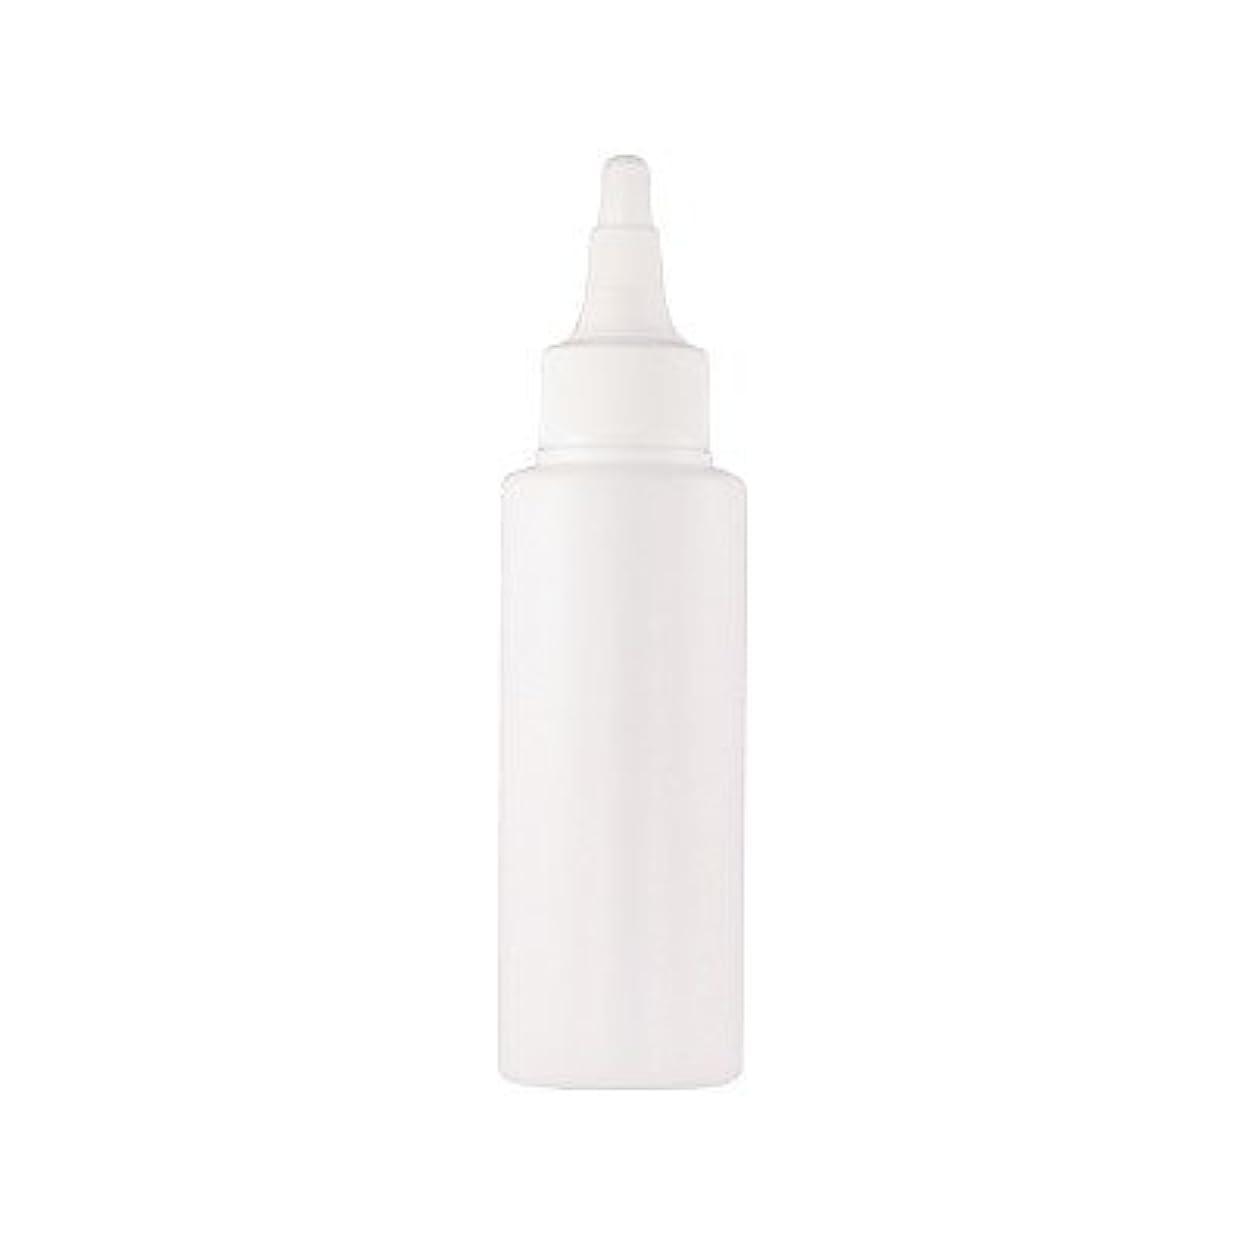 石嘆く塩辛いTATオリジナル トンガリボトル 60ml